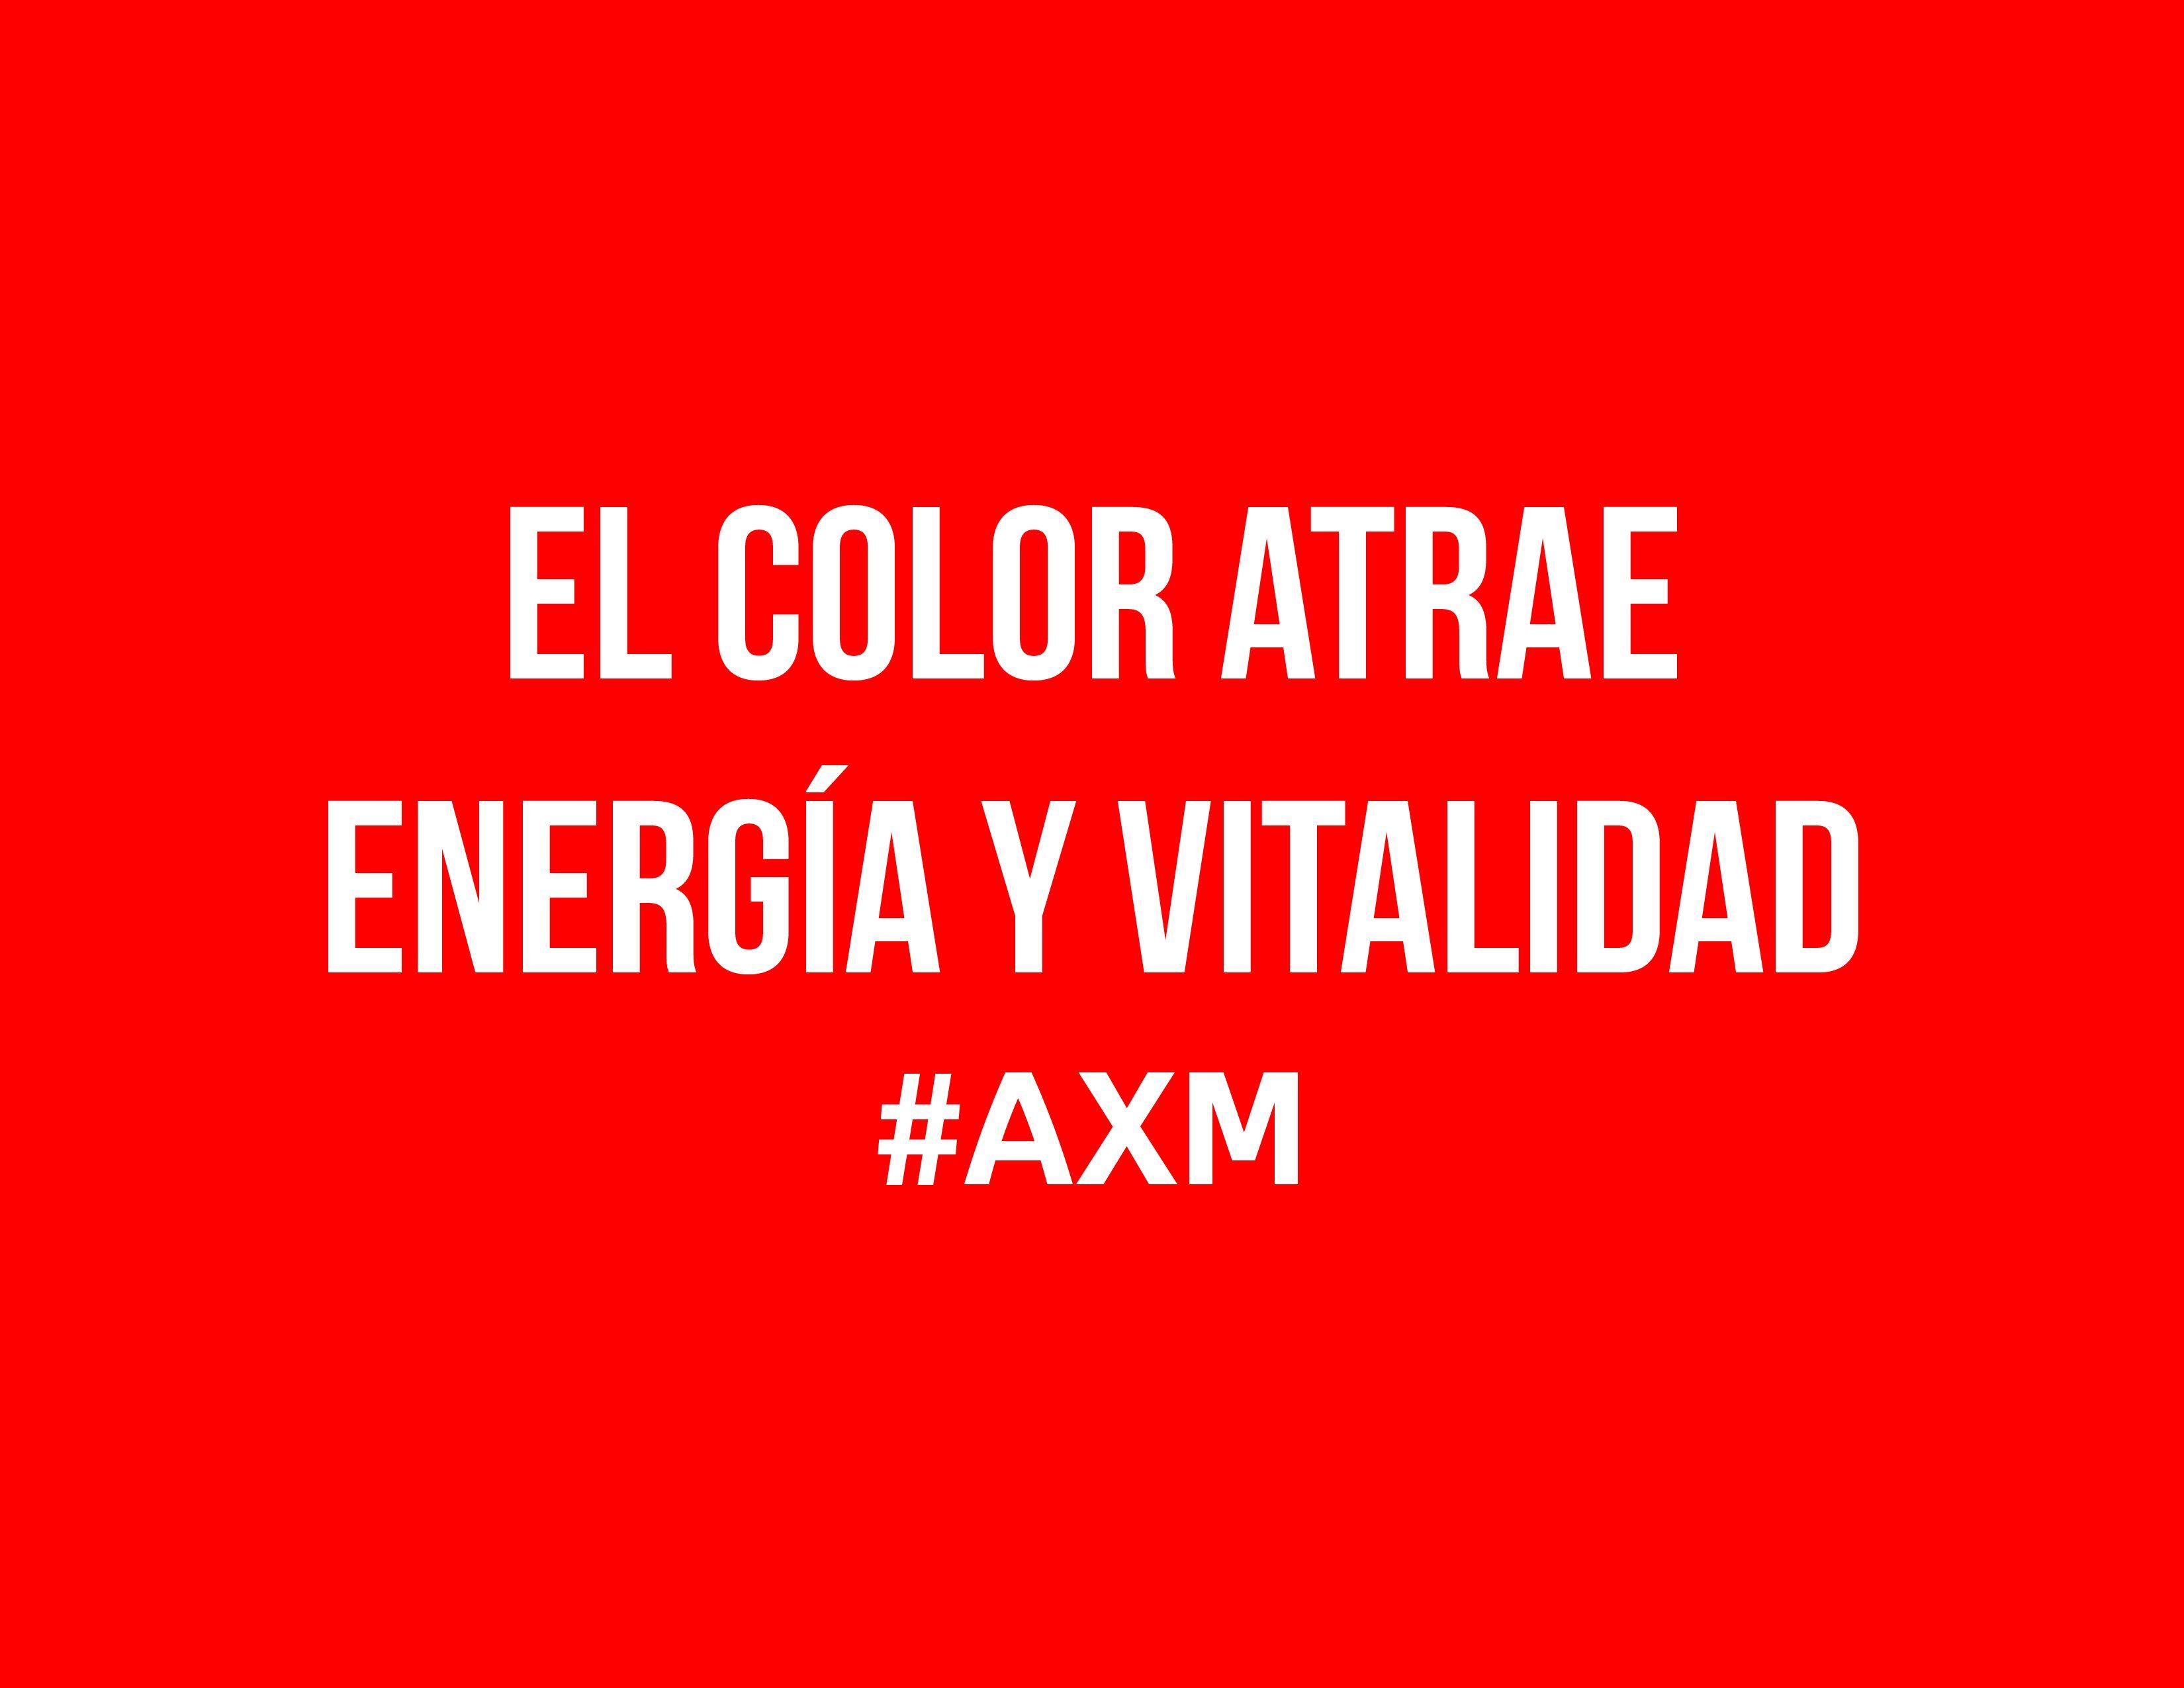 Ponle color a tu casa #AXM el lugar de la familia